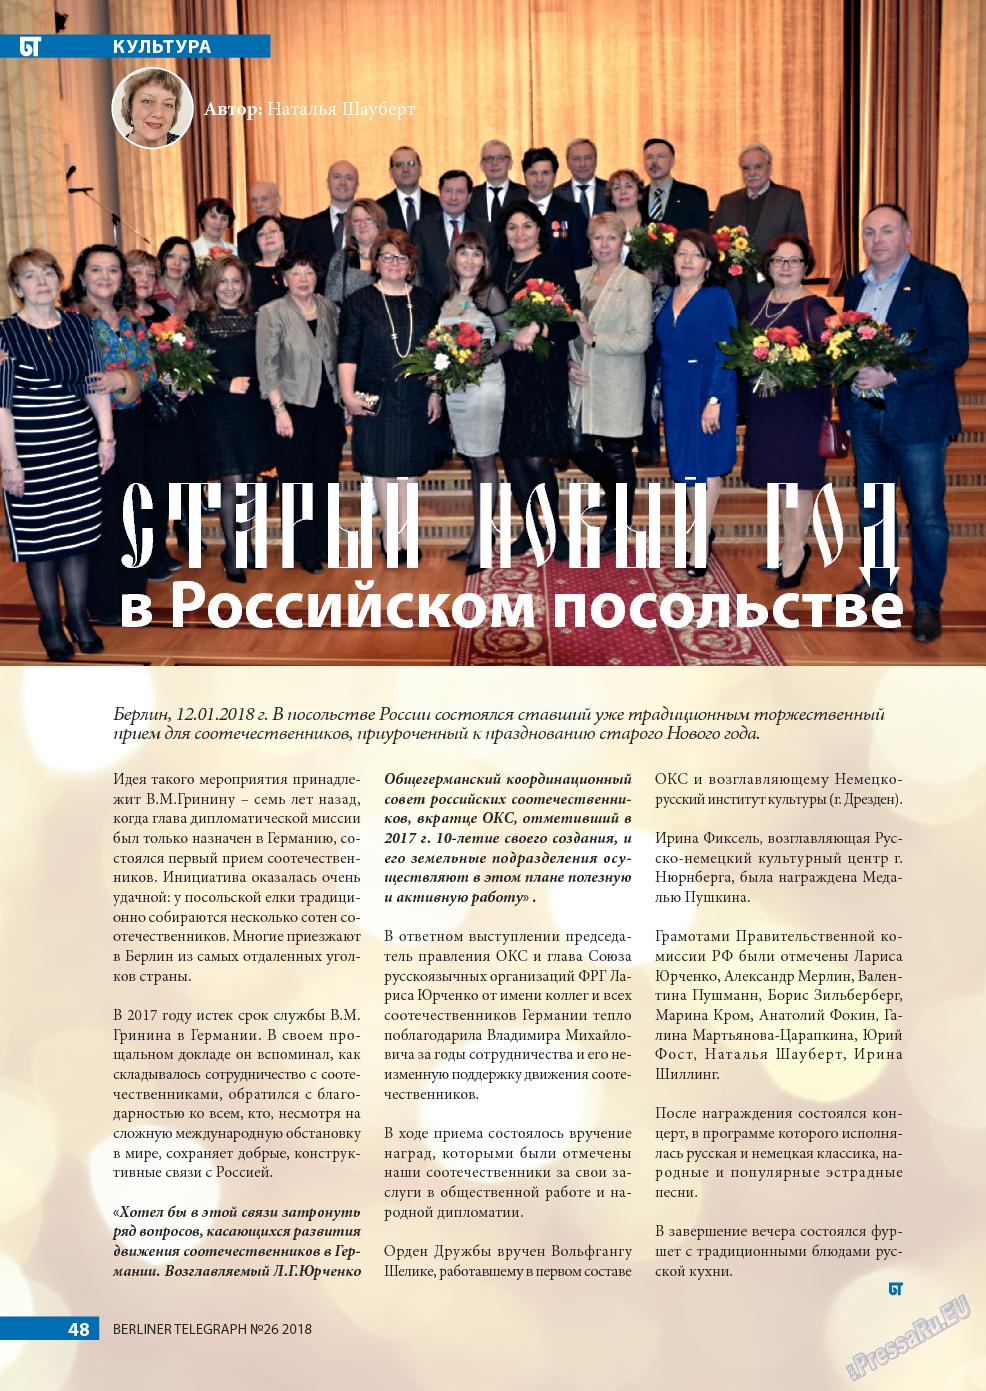 Берлинский телеграф (журнал). 2018 год, номер 26, стр. 48